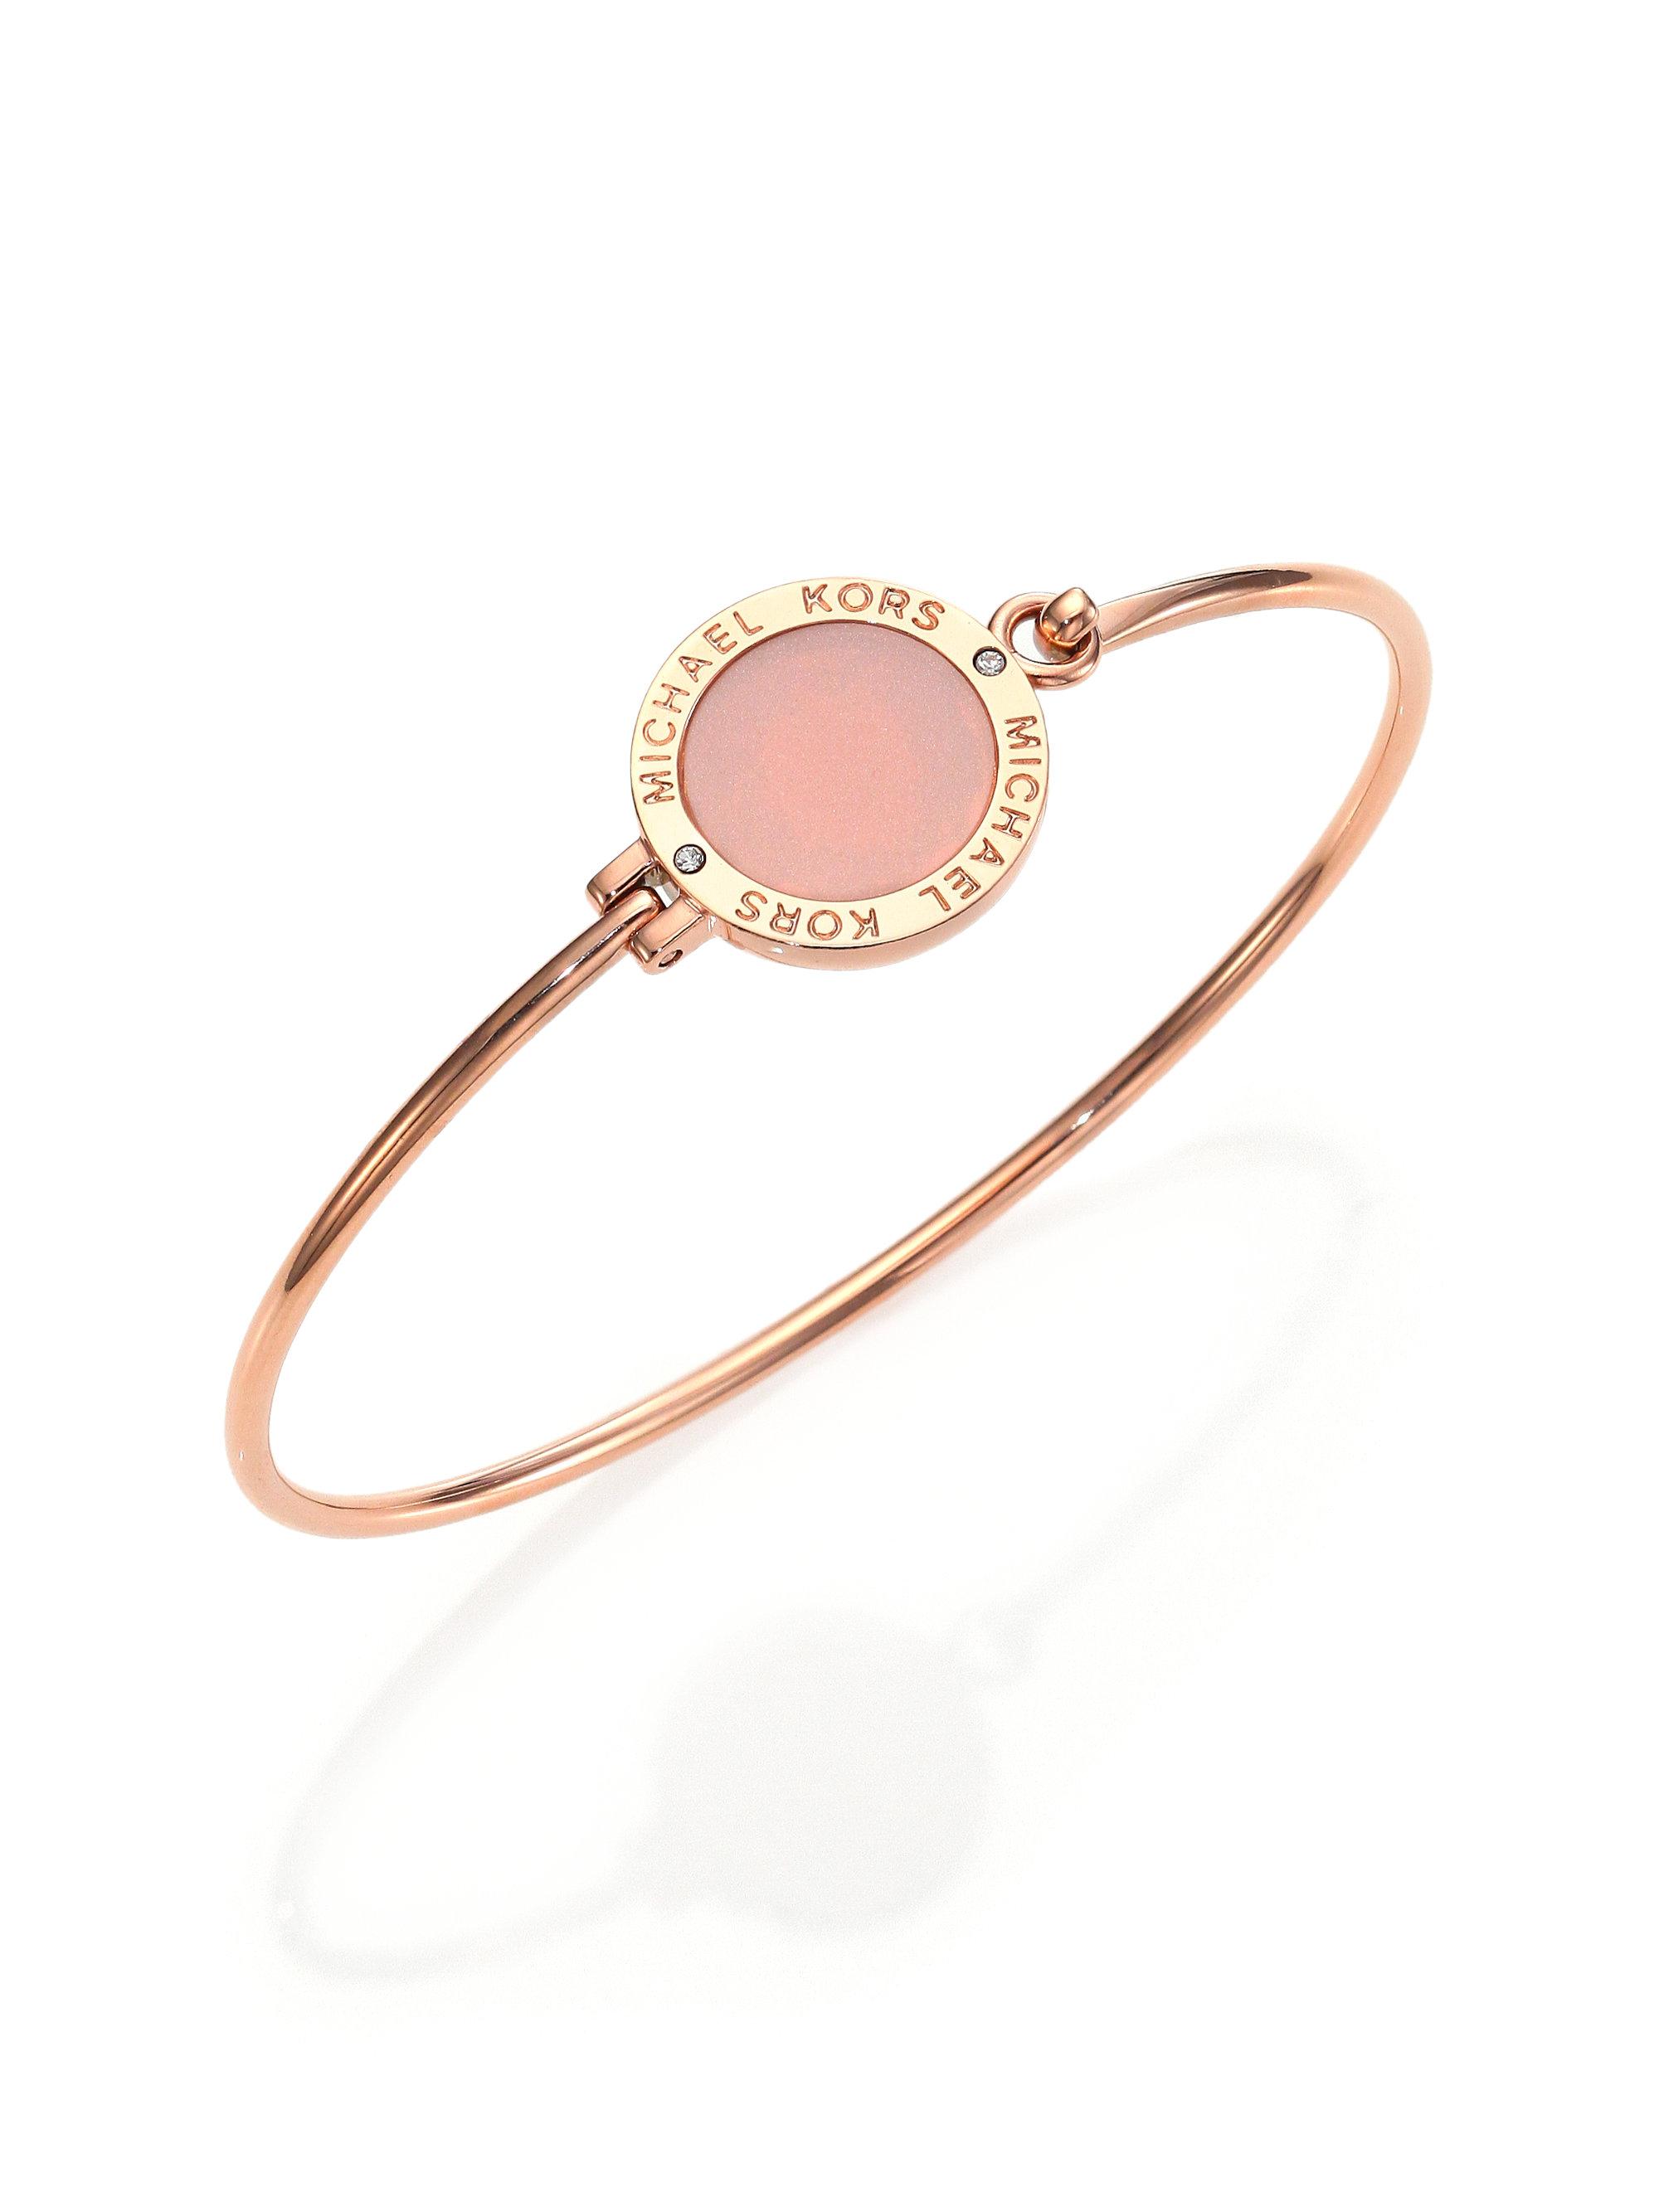 michael kors rose blush logo disc bangle bracelet in. Black Bedroom Furniture Sets. Home Design Ideas